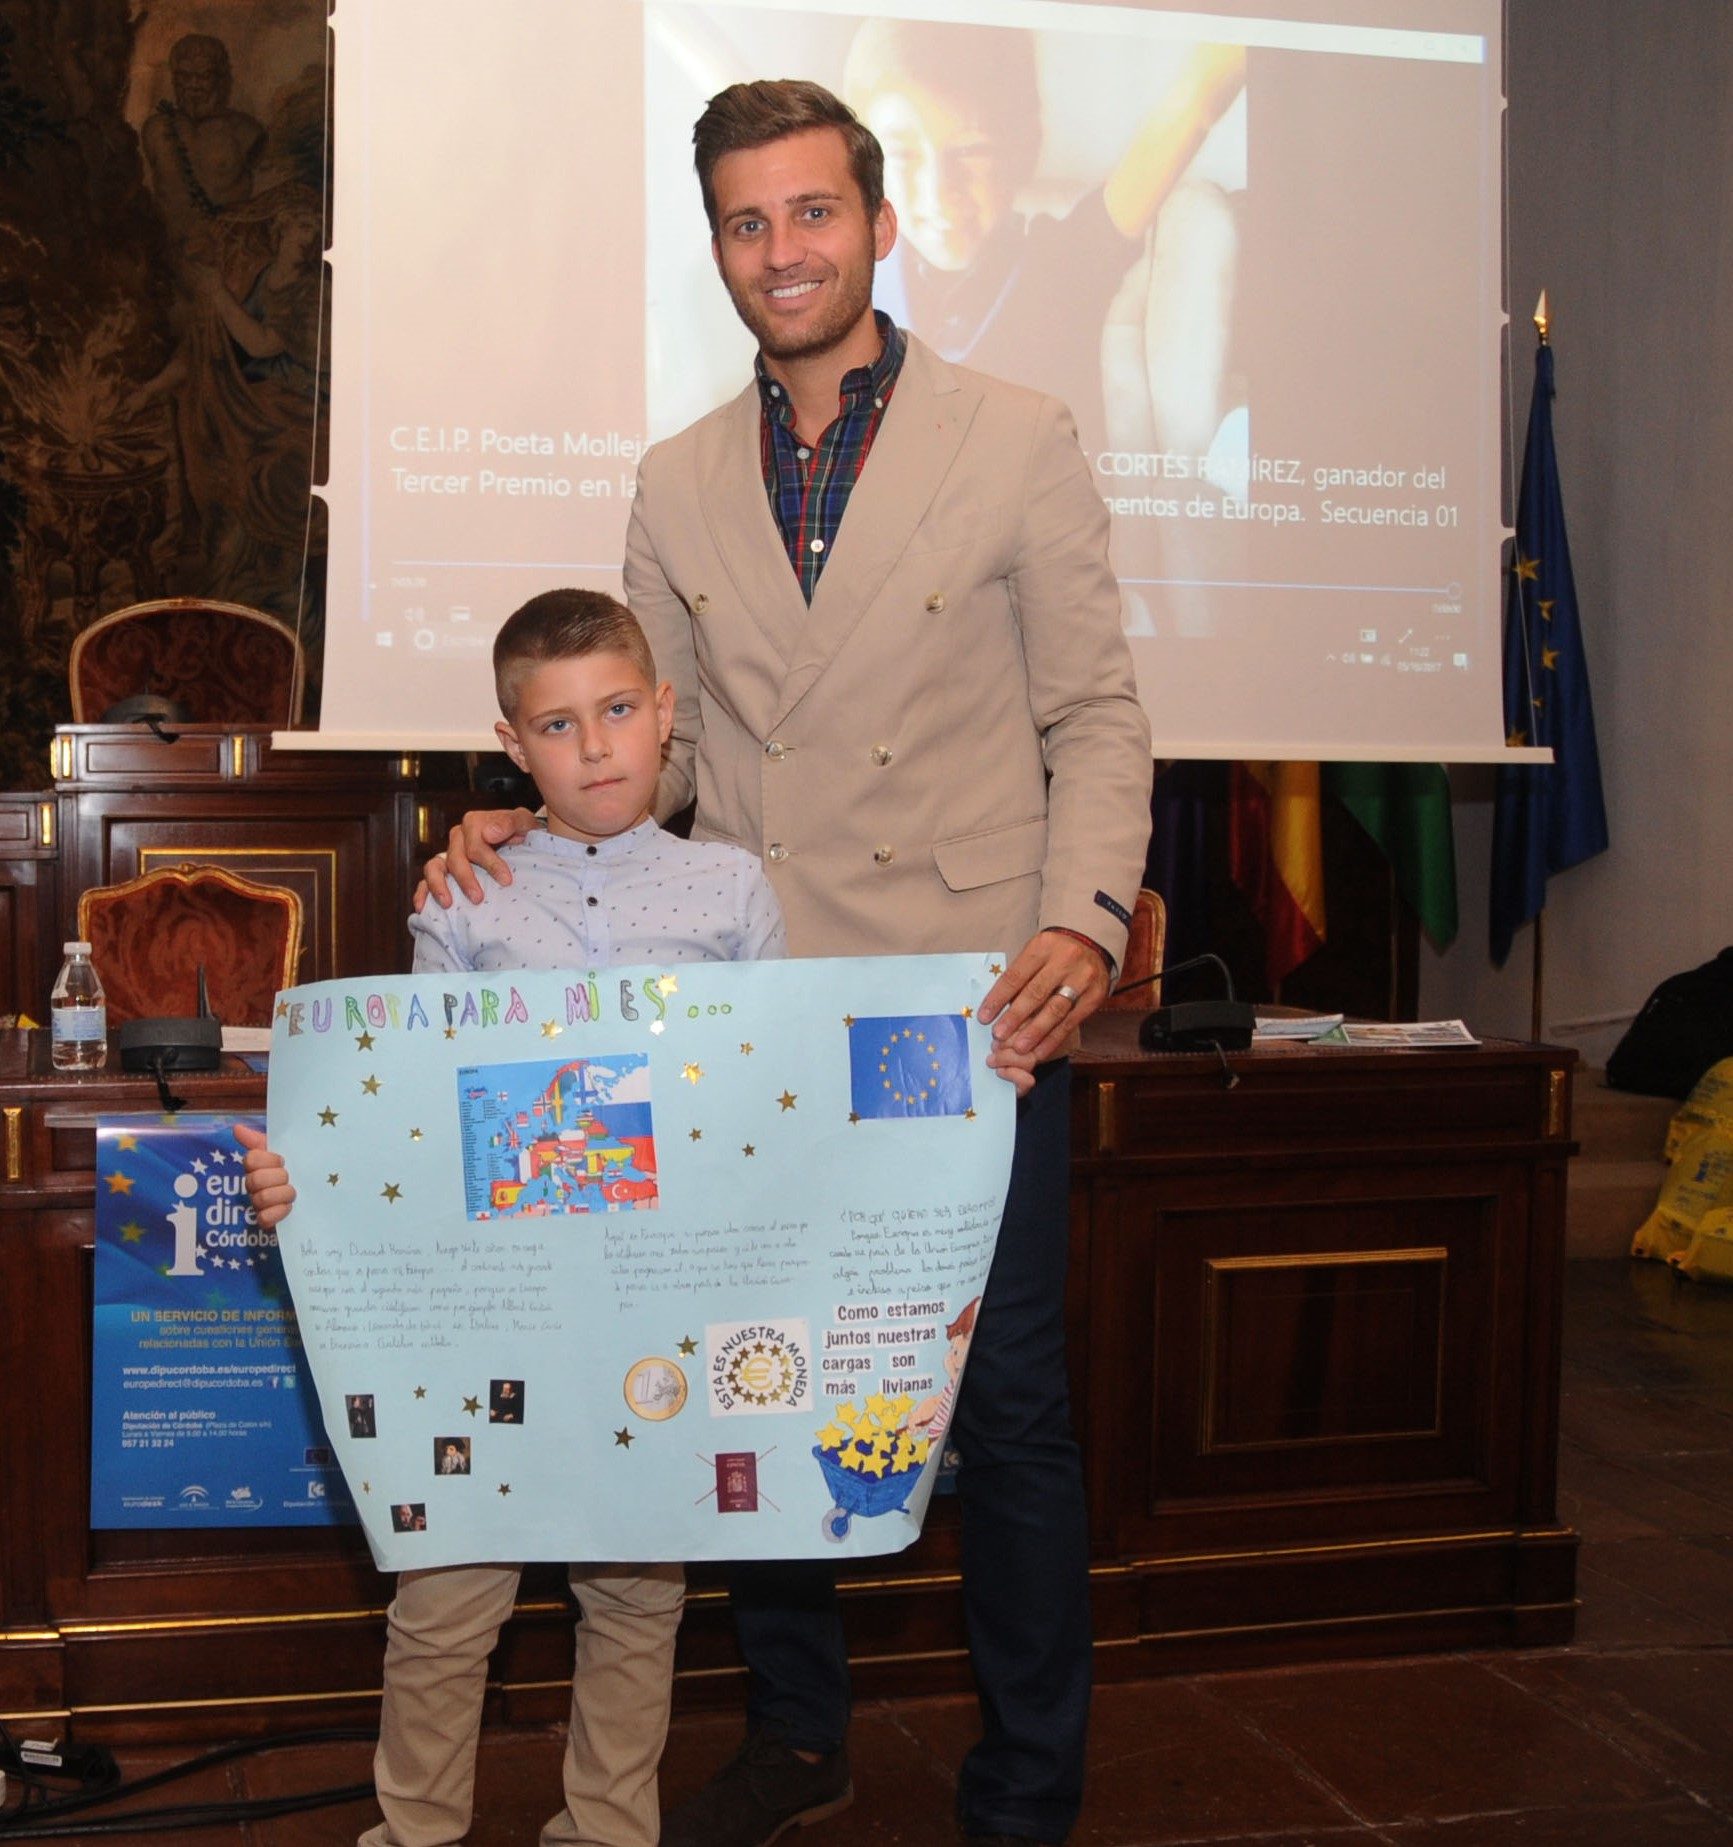 Recepción a los alumnos y profesores de los niños de Córdoba, premiados en el concurso EuropaJunior. 5 de octubre 2017.